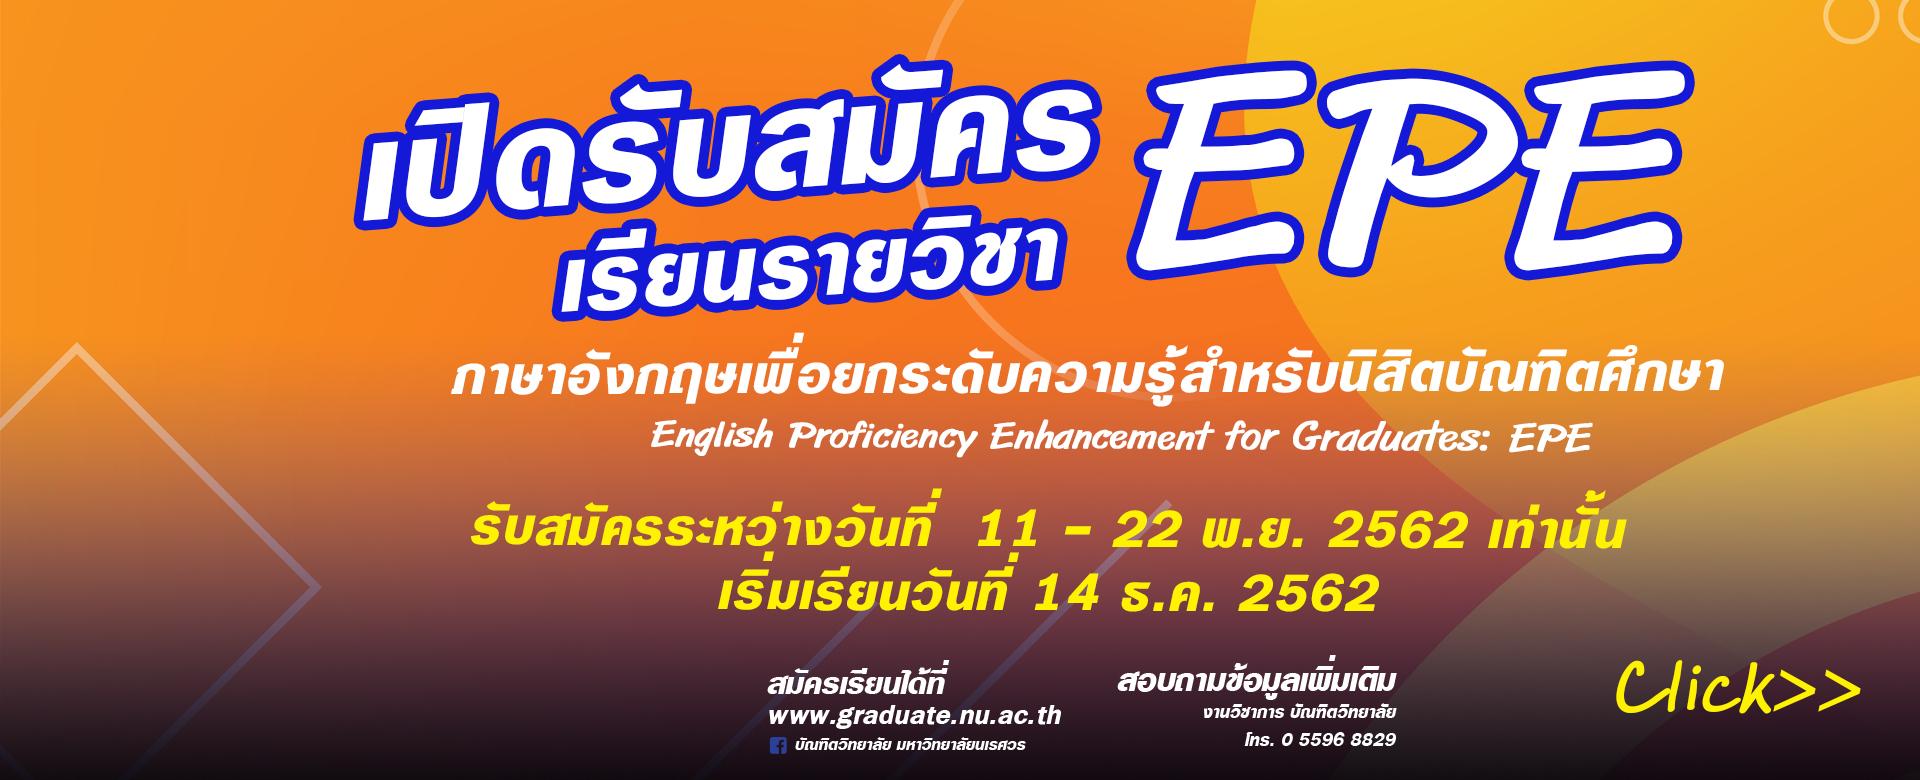 เปิดรับสมัครเรียนรายวิชา English Proficiency Enhancement for Graduates : EPE